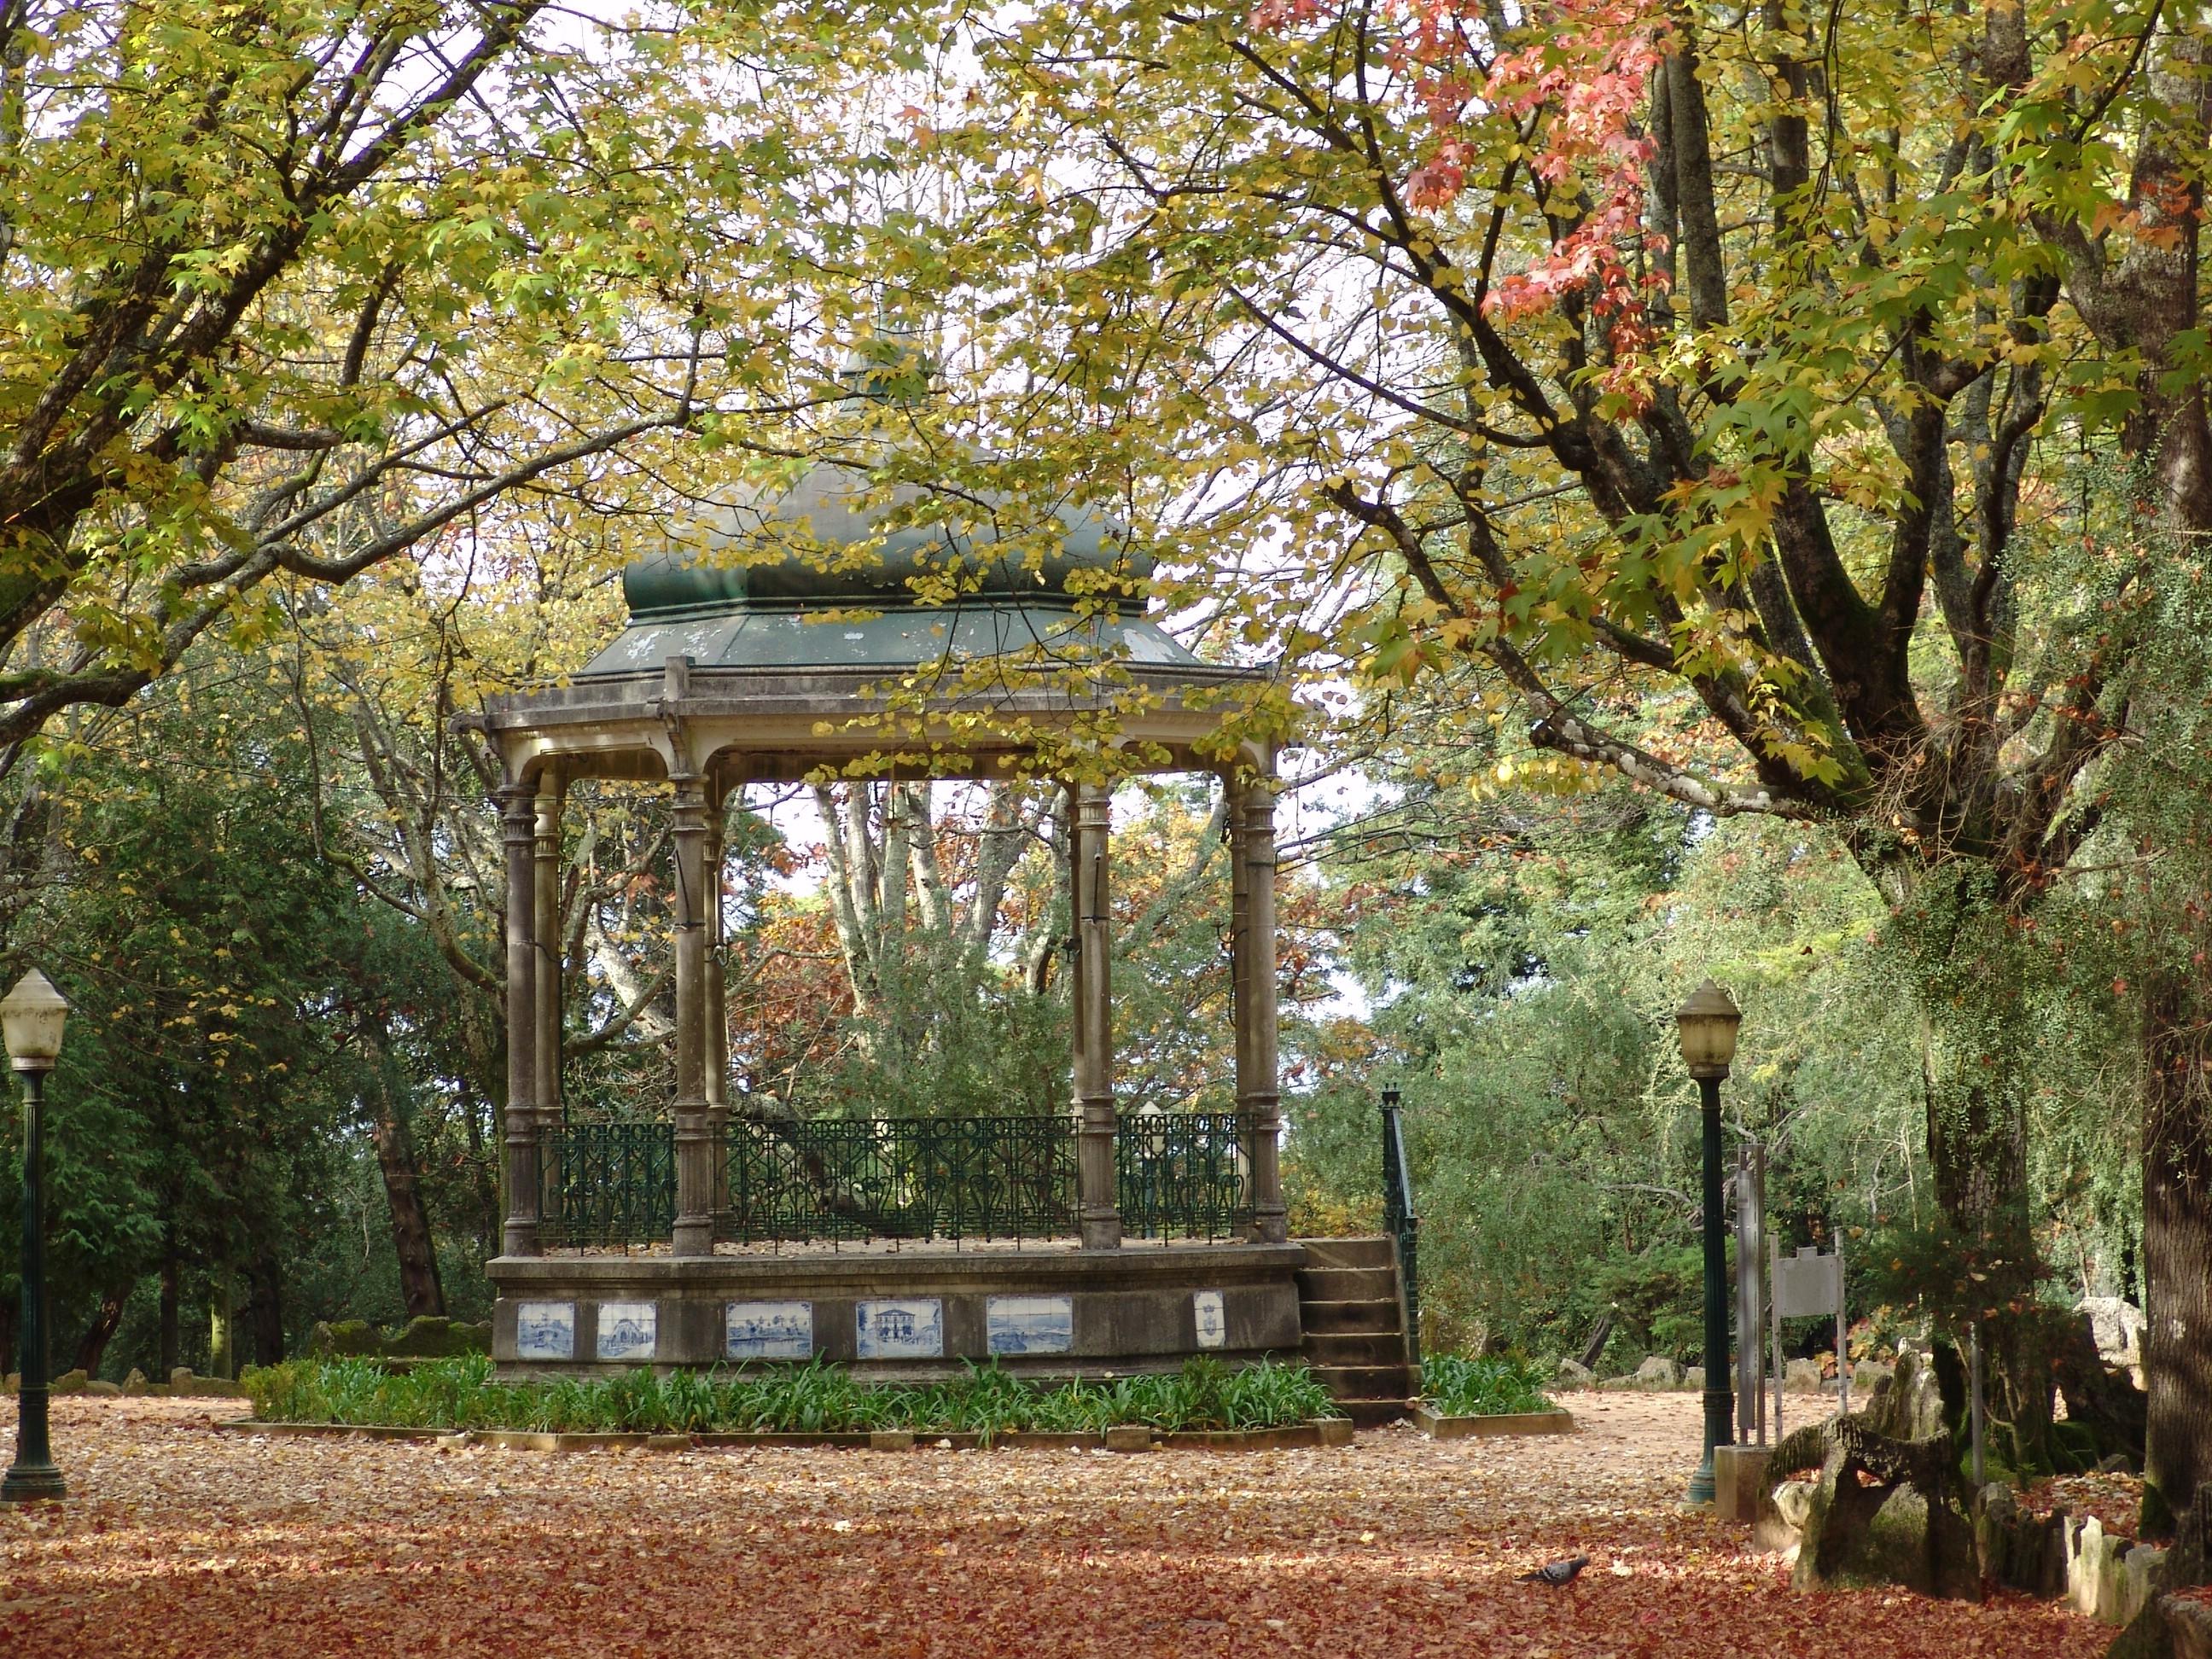 Coreto, Parque La Salette